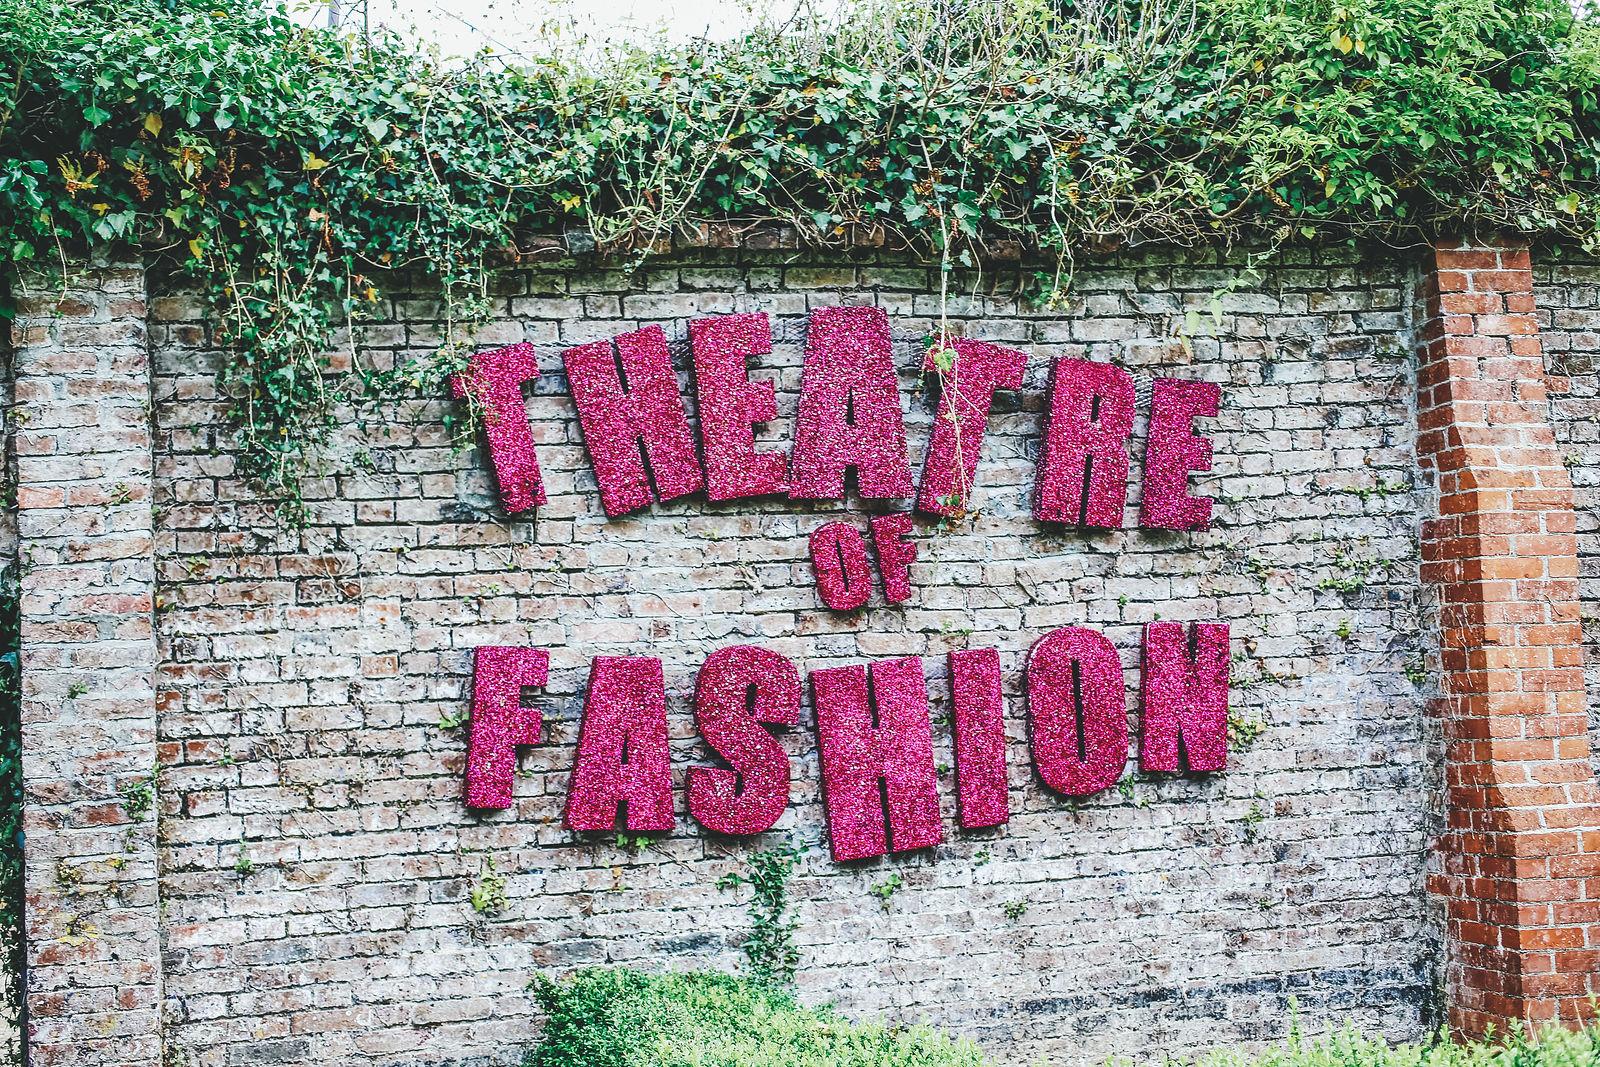 The Theatre of Fashion